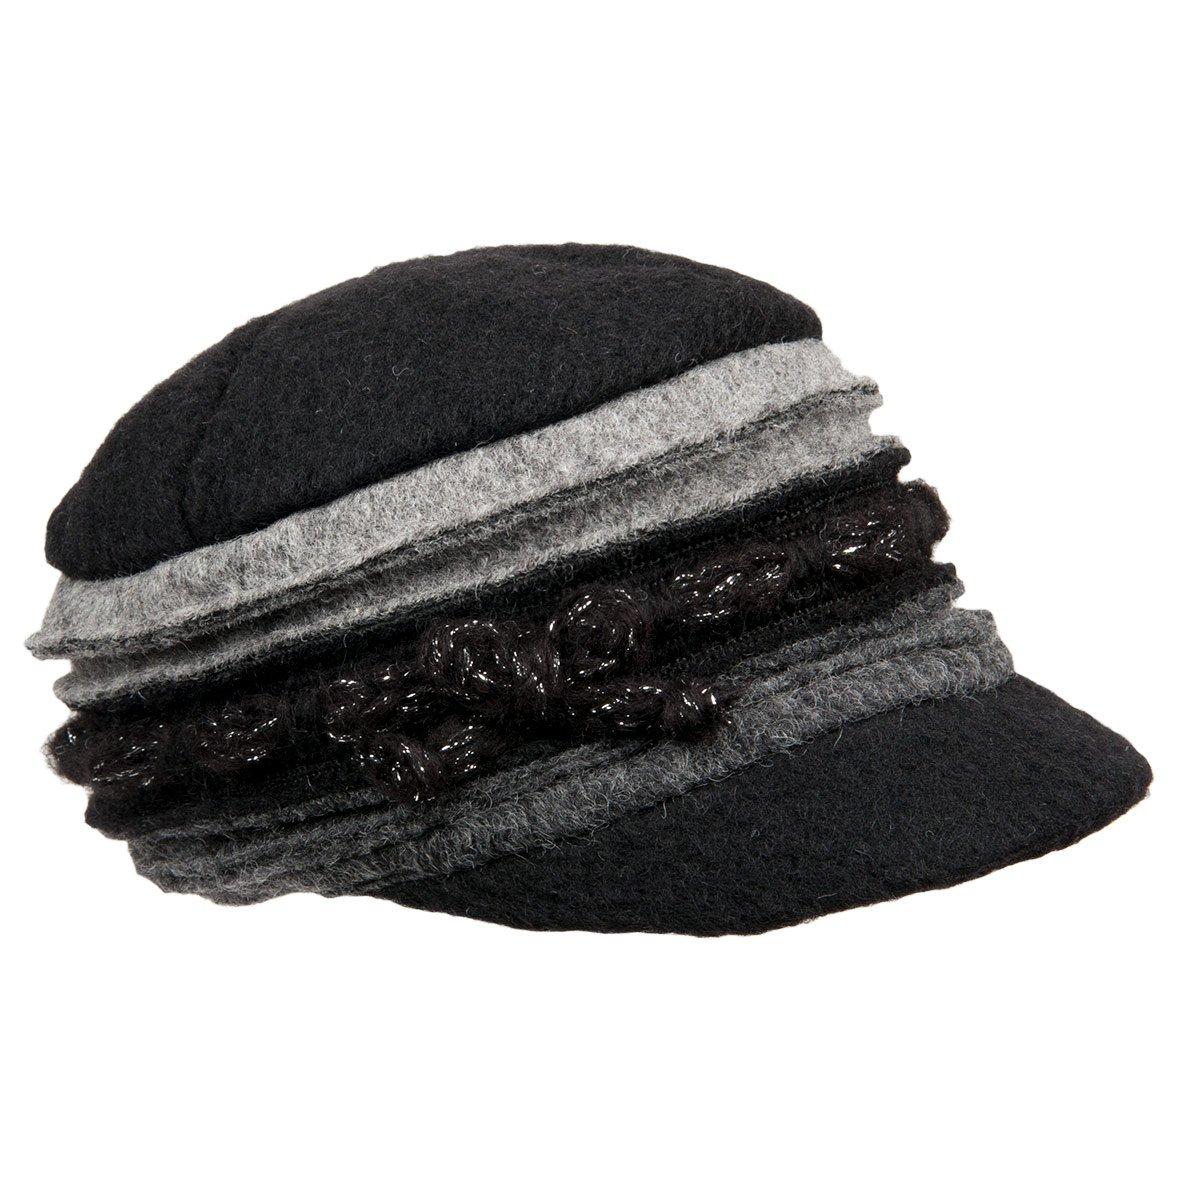 berretto con visierino in lana cotta per donna d6fc31d2b5a6